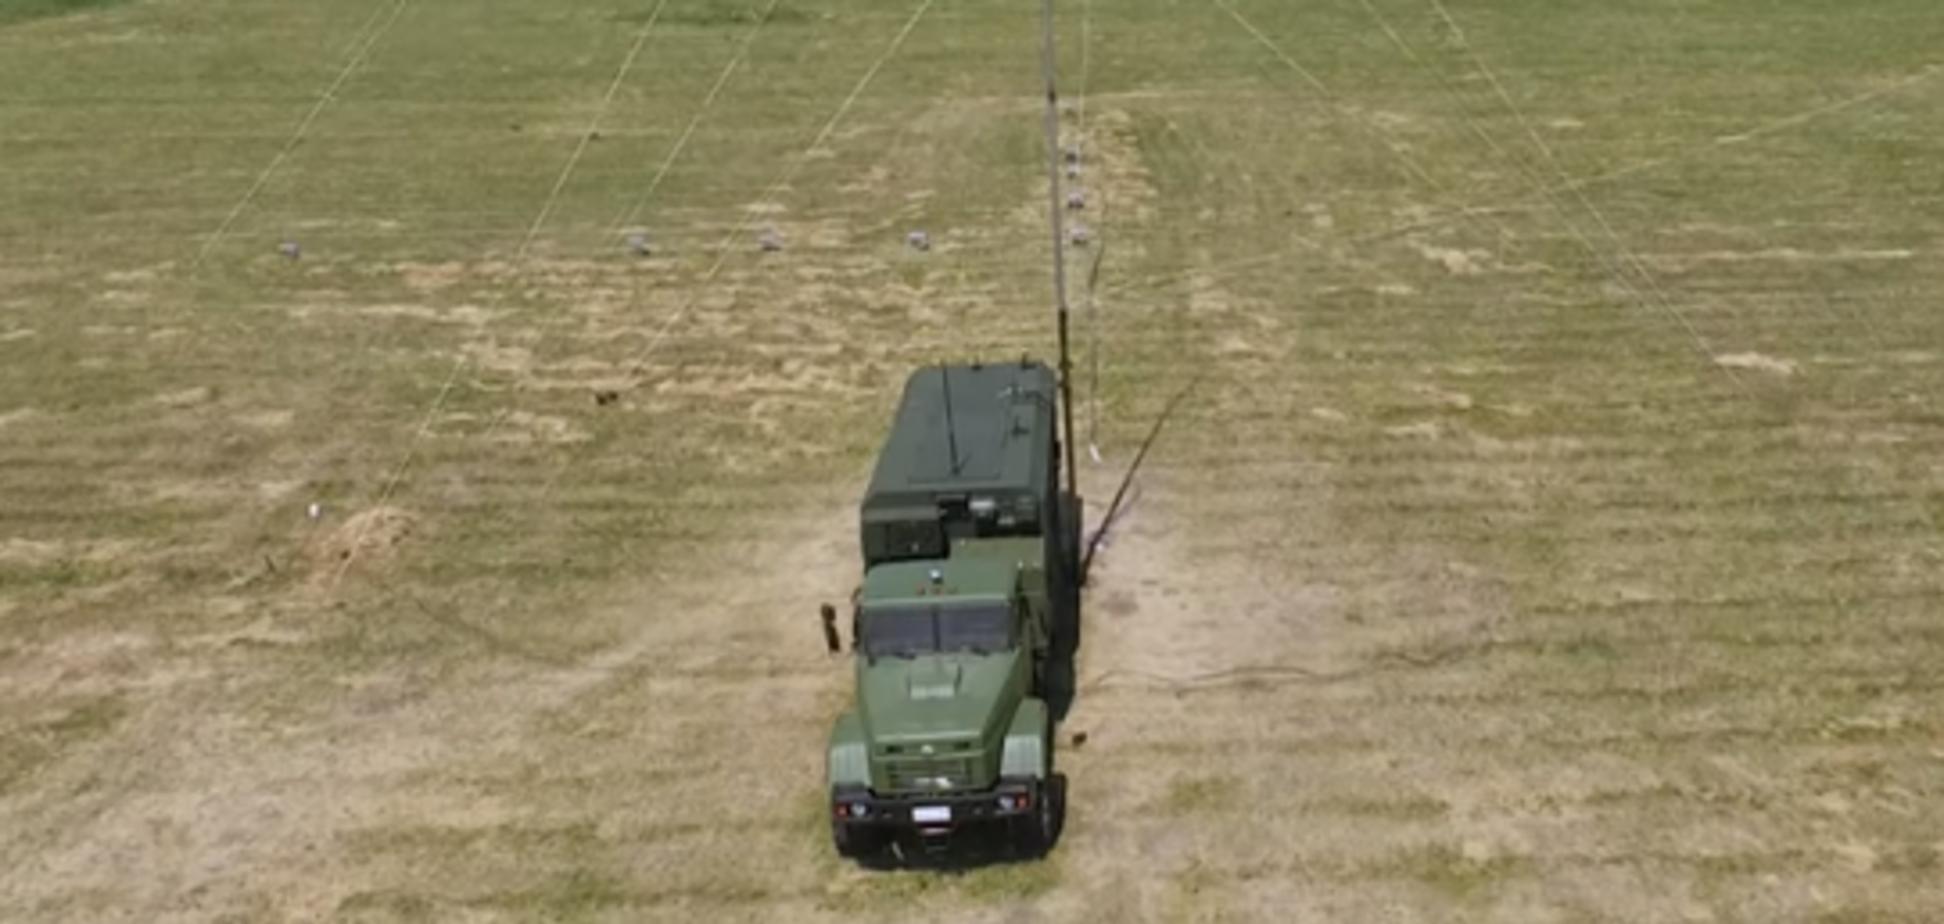 ВСУ успешно испытали новейшее вооружение Украины: видеофакт